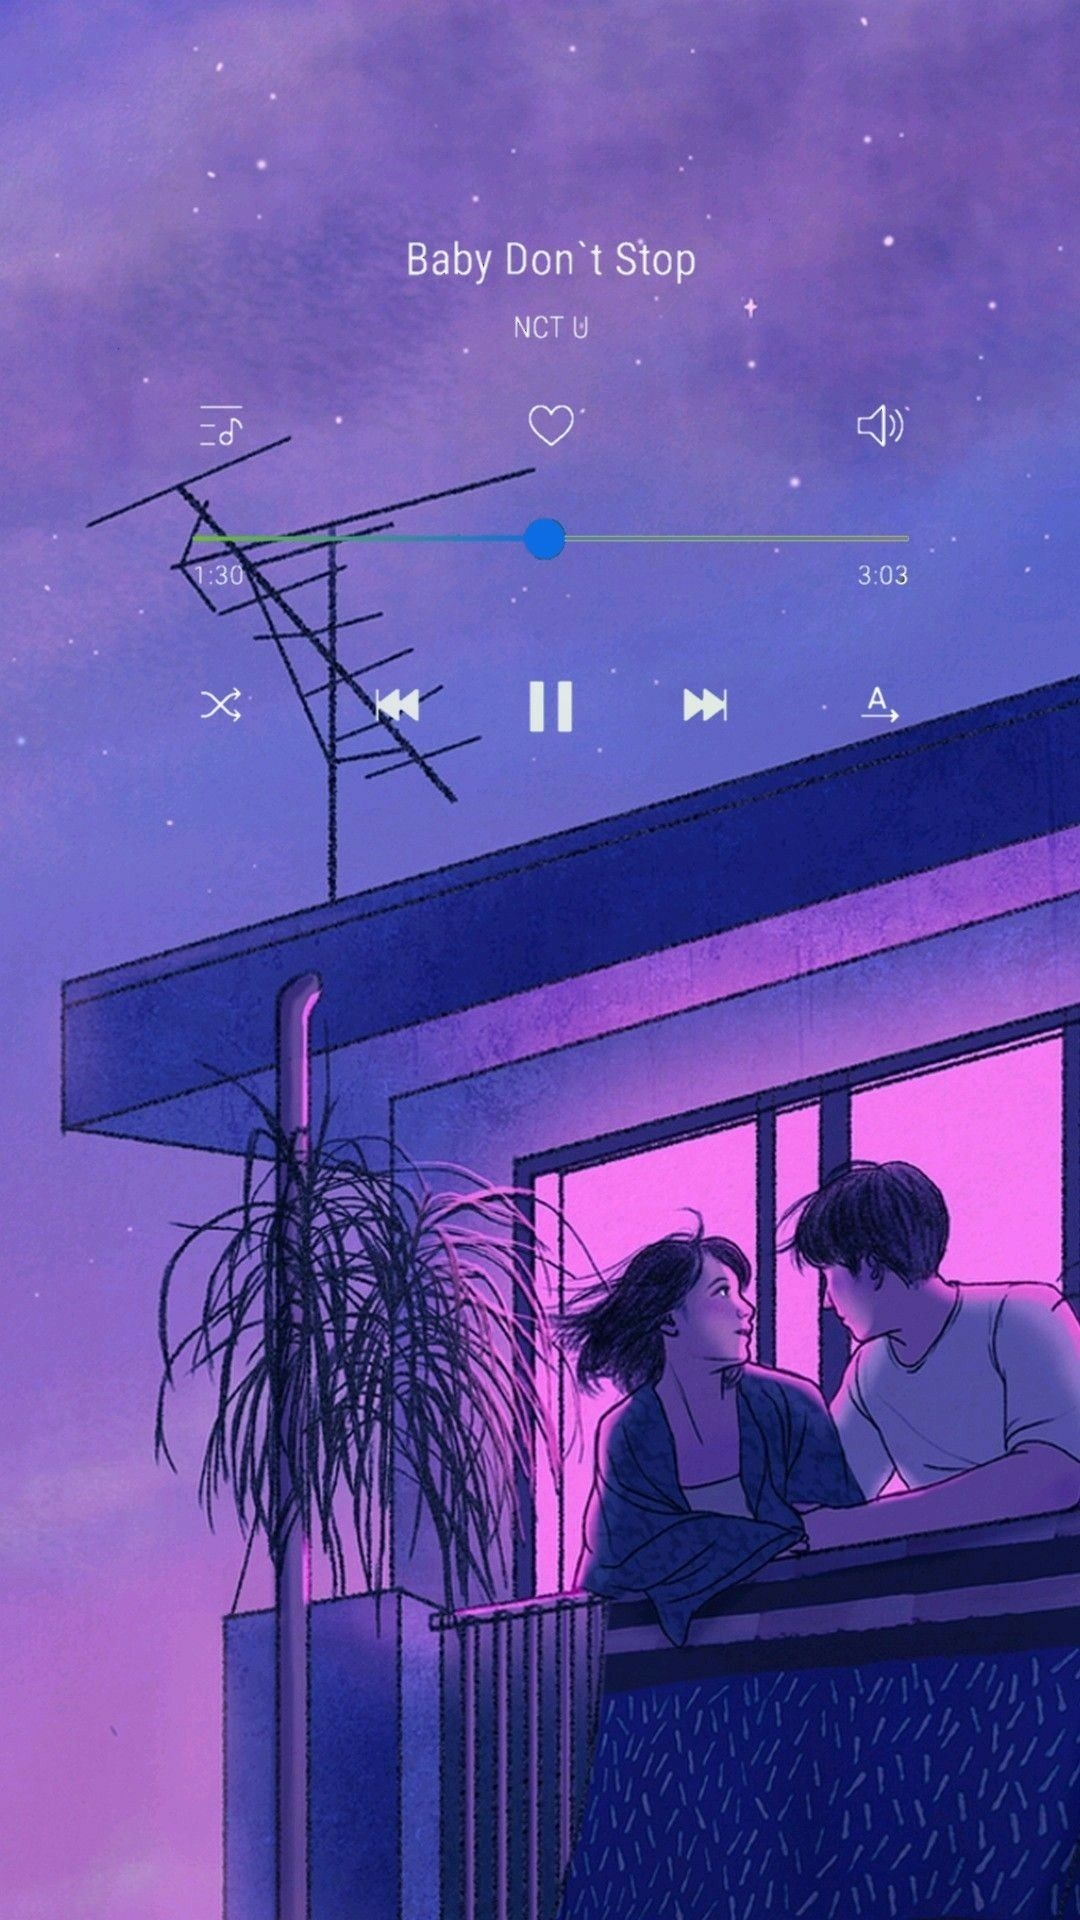 Pin By Allison Zhang On Wallpapers Aesthetic Art Aesthetic Anime Anime Scenery